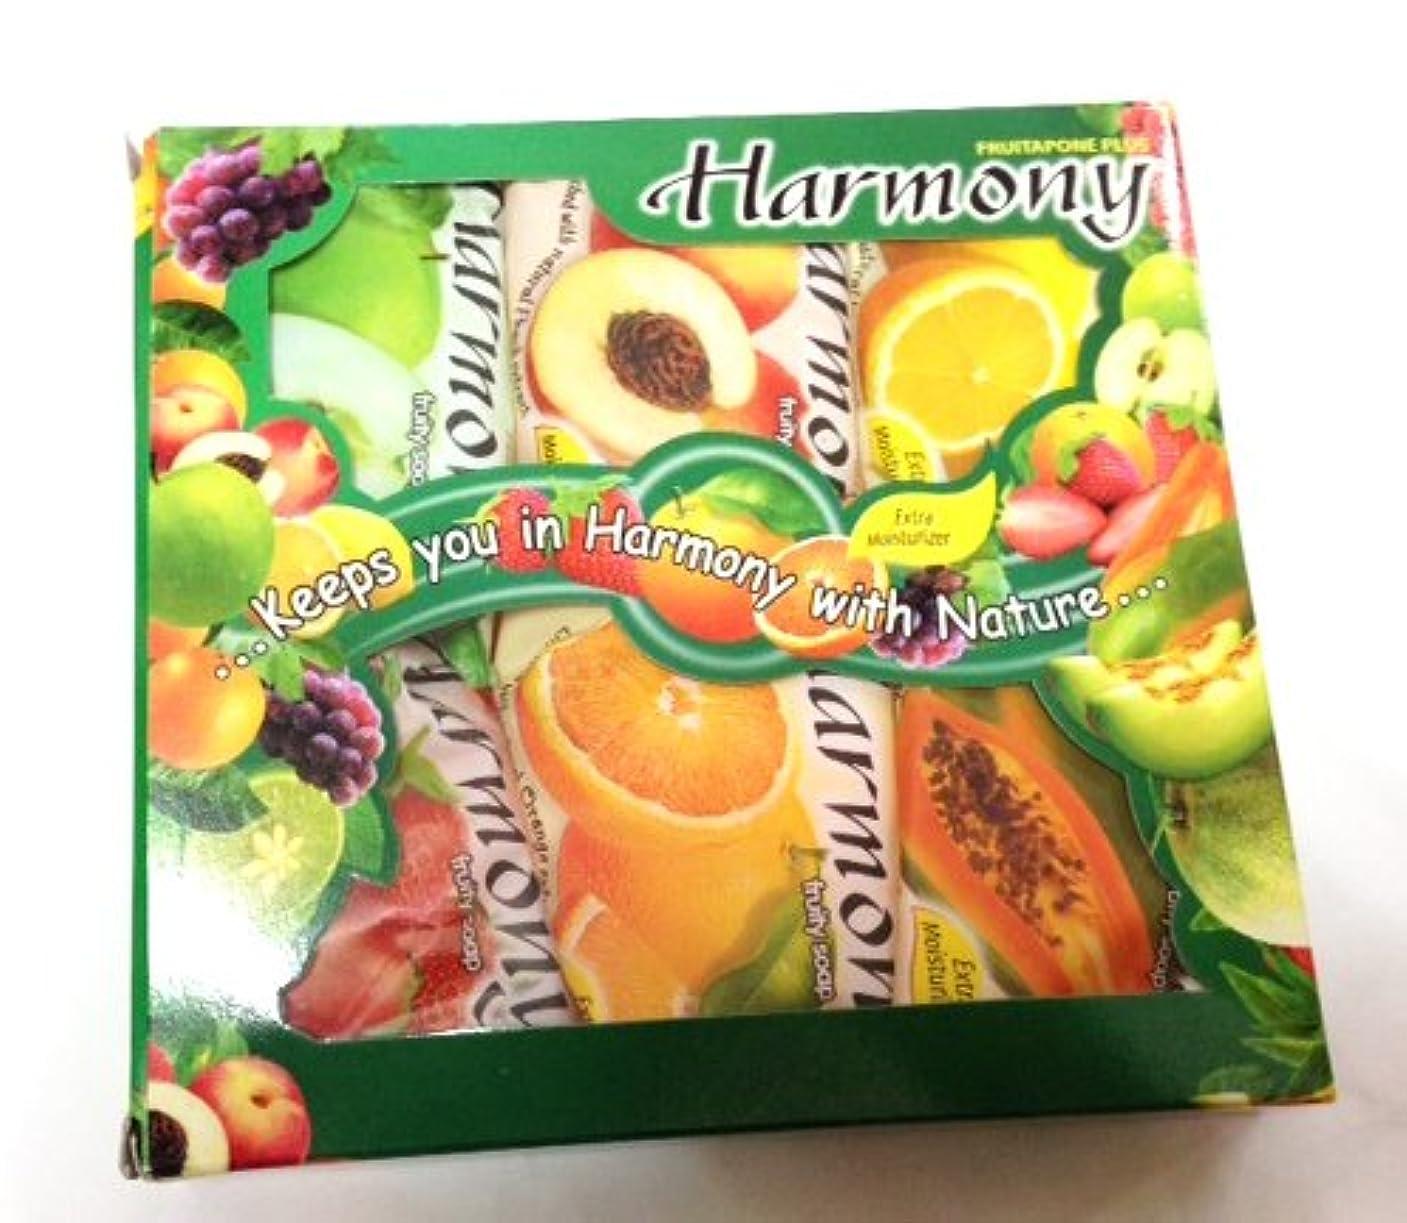 魅力フェミニン説明するハーモニー フルーティーソープ 6個セット パパイヤ ピーチ オレンジ レモン アップル イチゴ